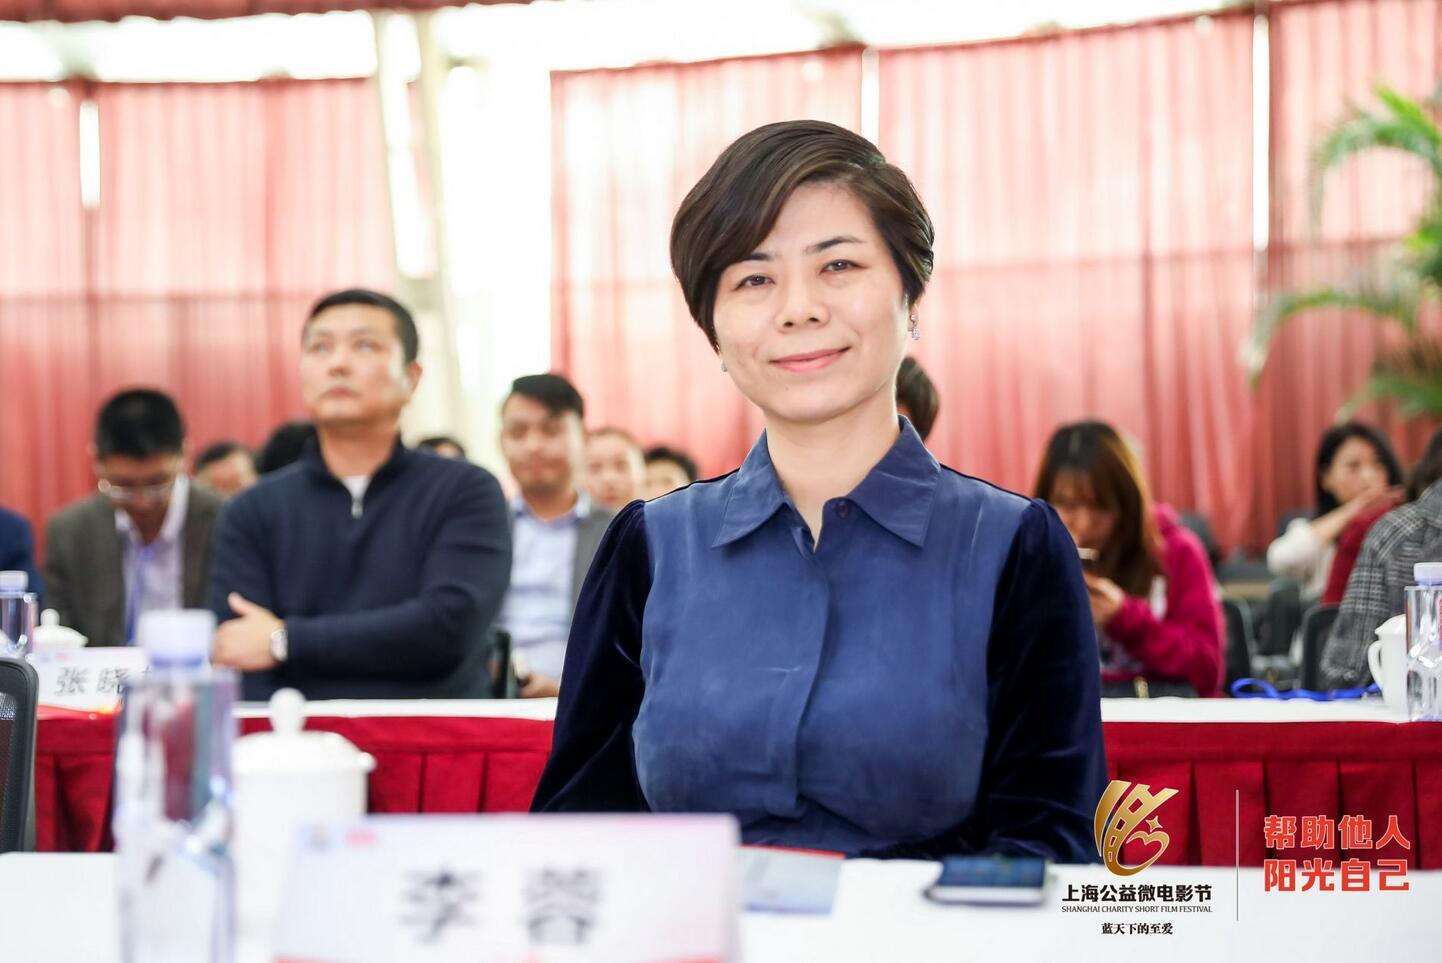 上海文化广播影视集团有限公司副总裁、第一财经传媒有限公司董事长兼CEO李蓉